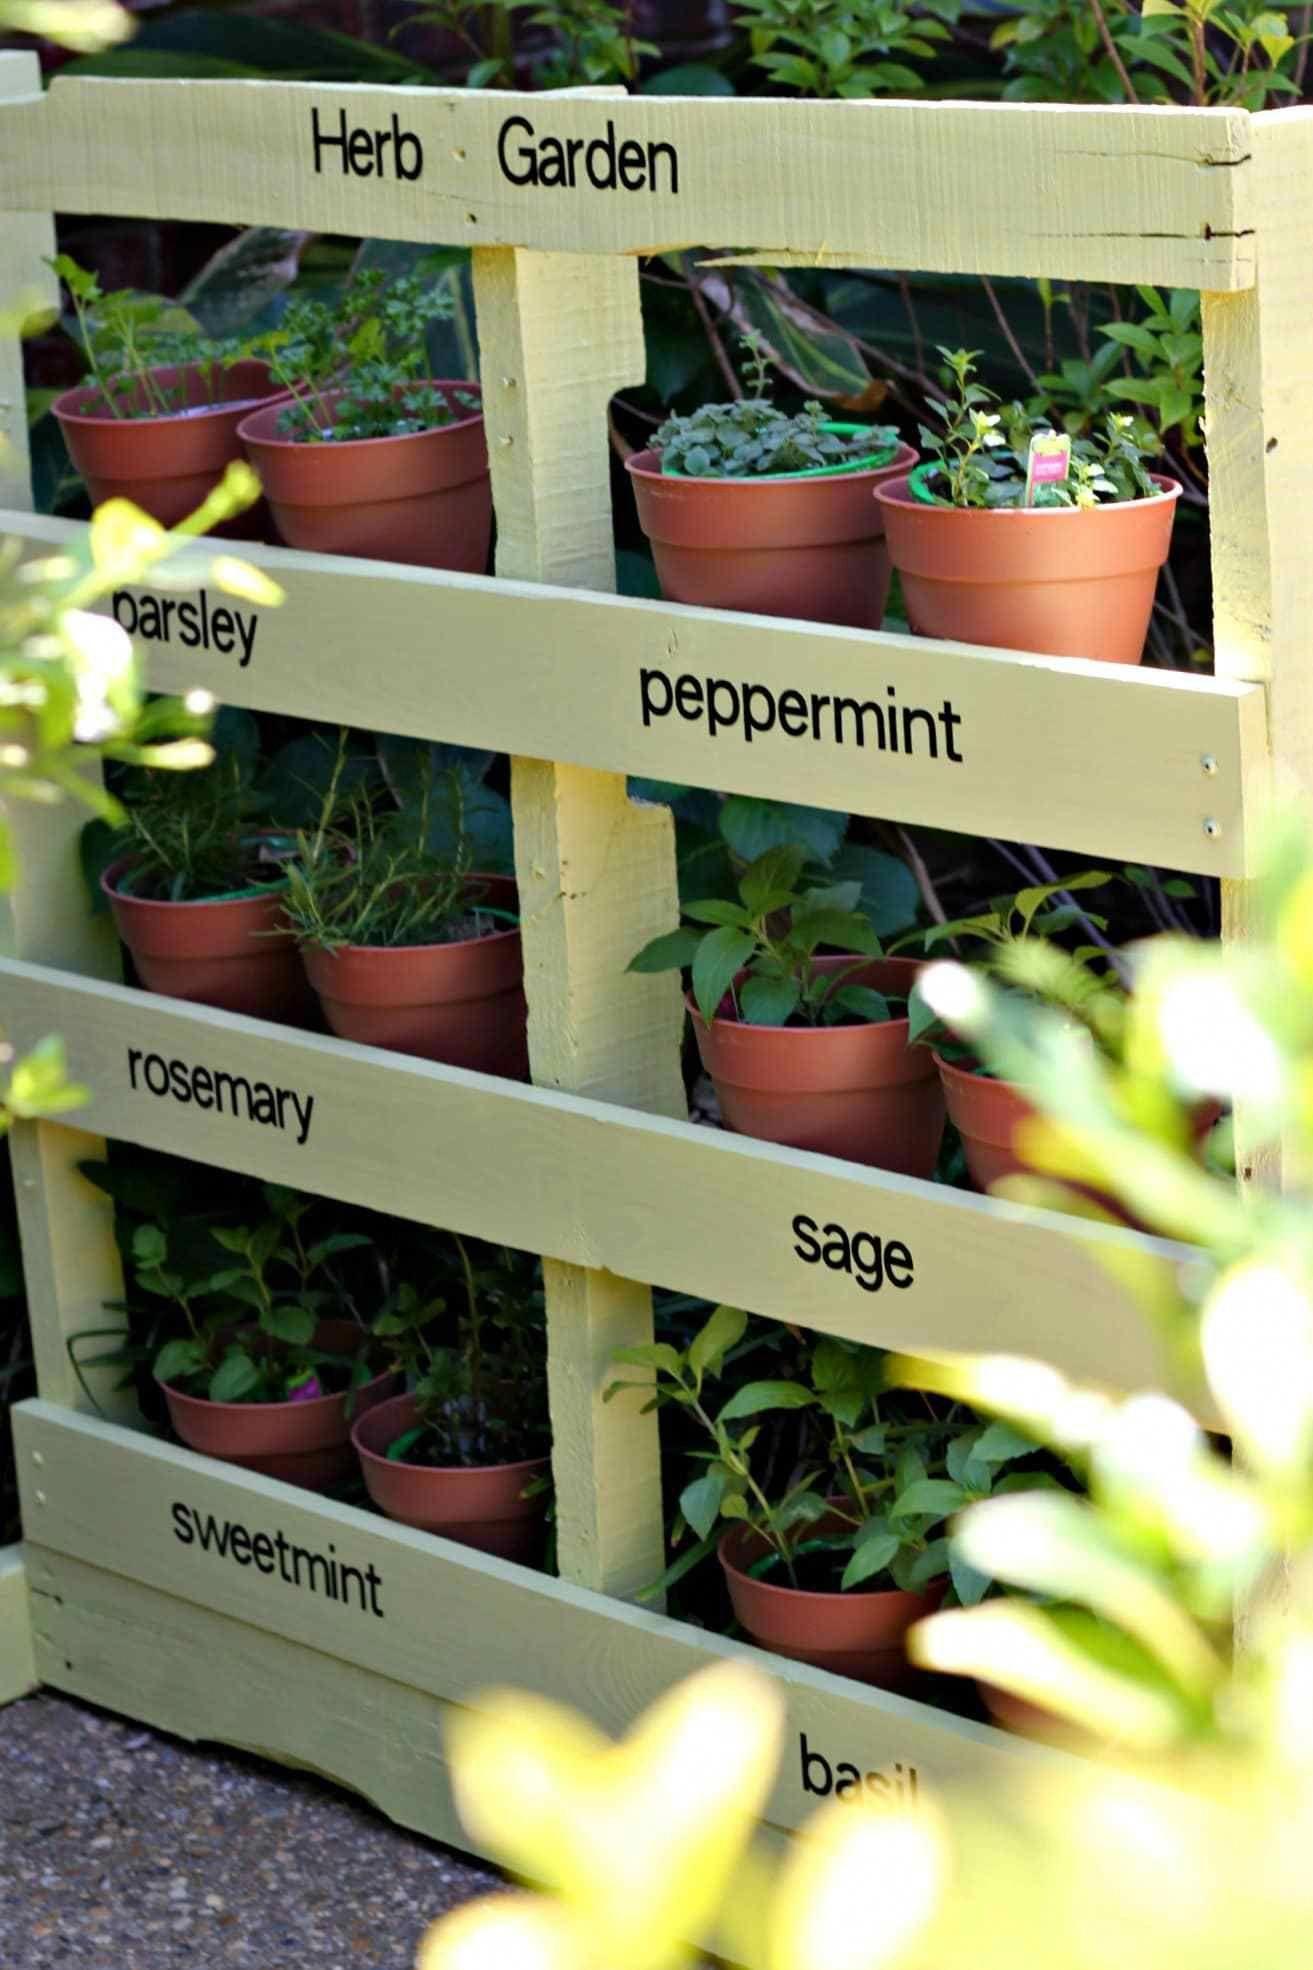 Herb Garden From A Pallet Diy Herb Garden Ideas Herb Garden Pallet Herb Garden Design Vertical Herb Garden Small backyard herb garden ideas